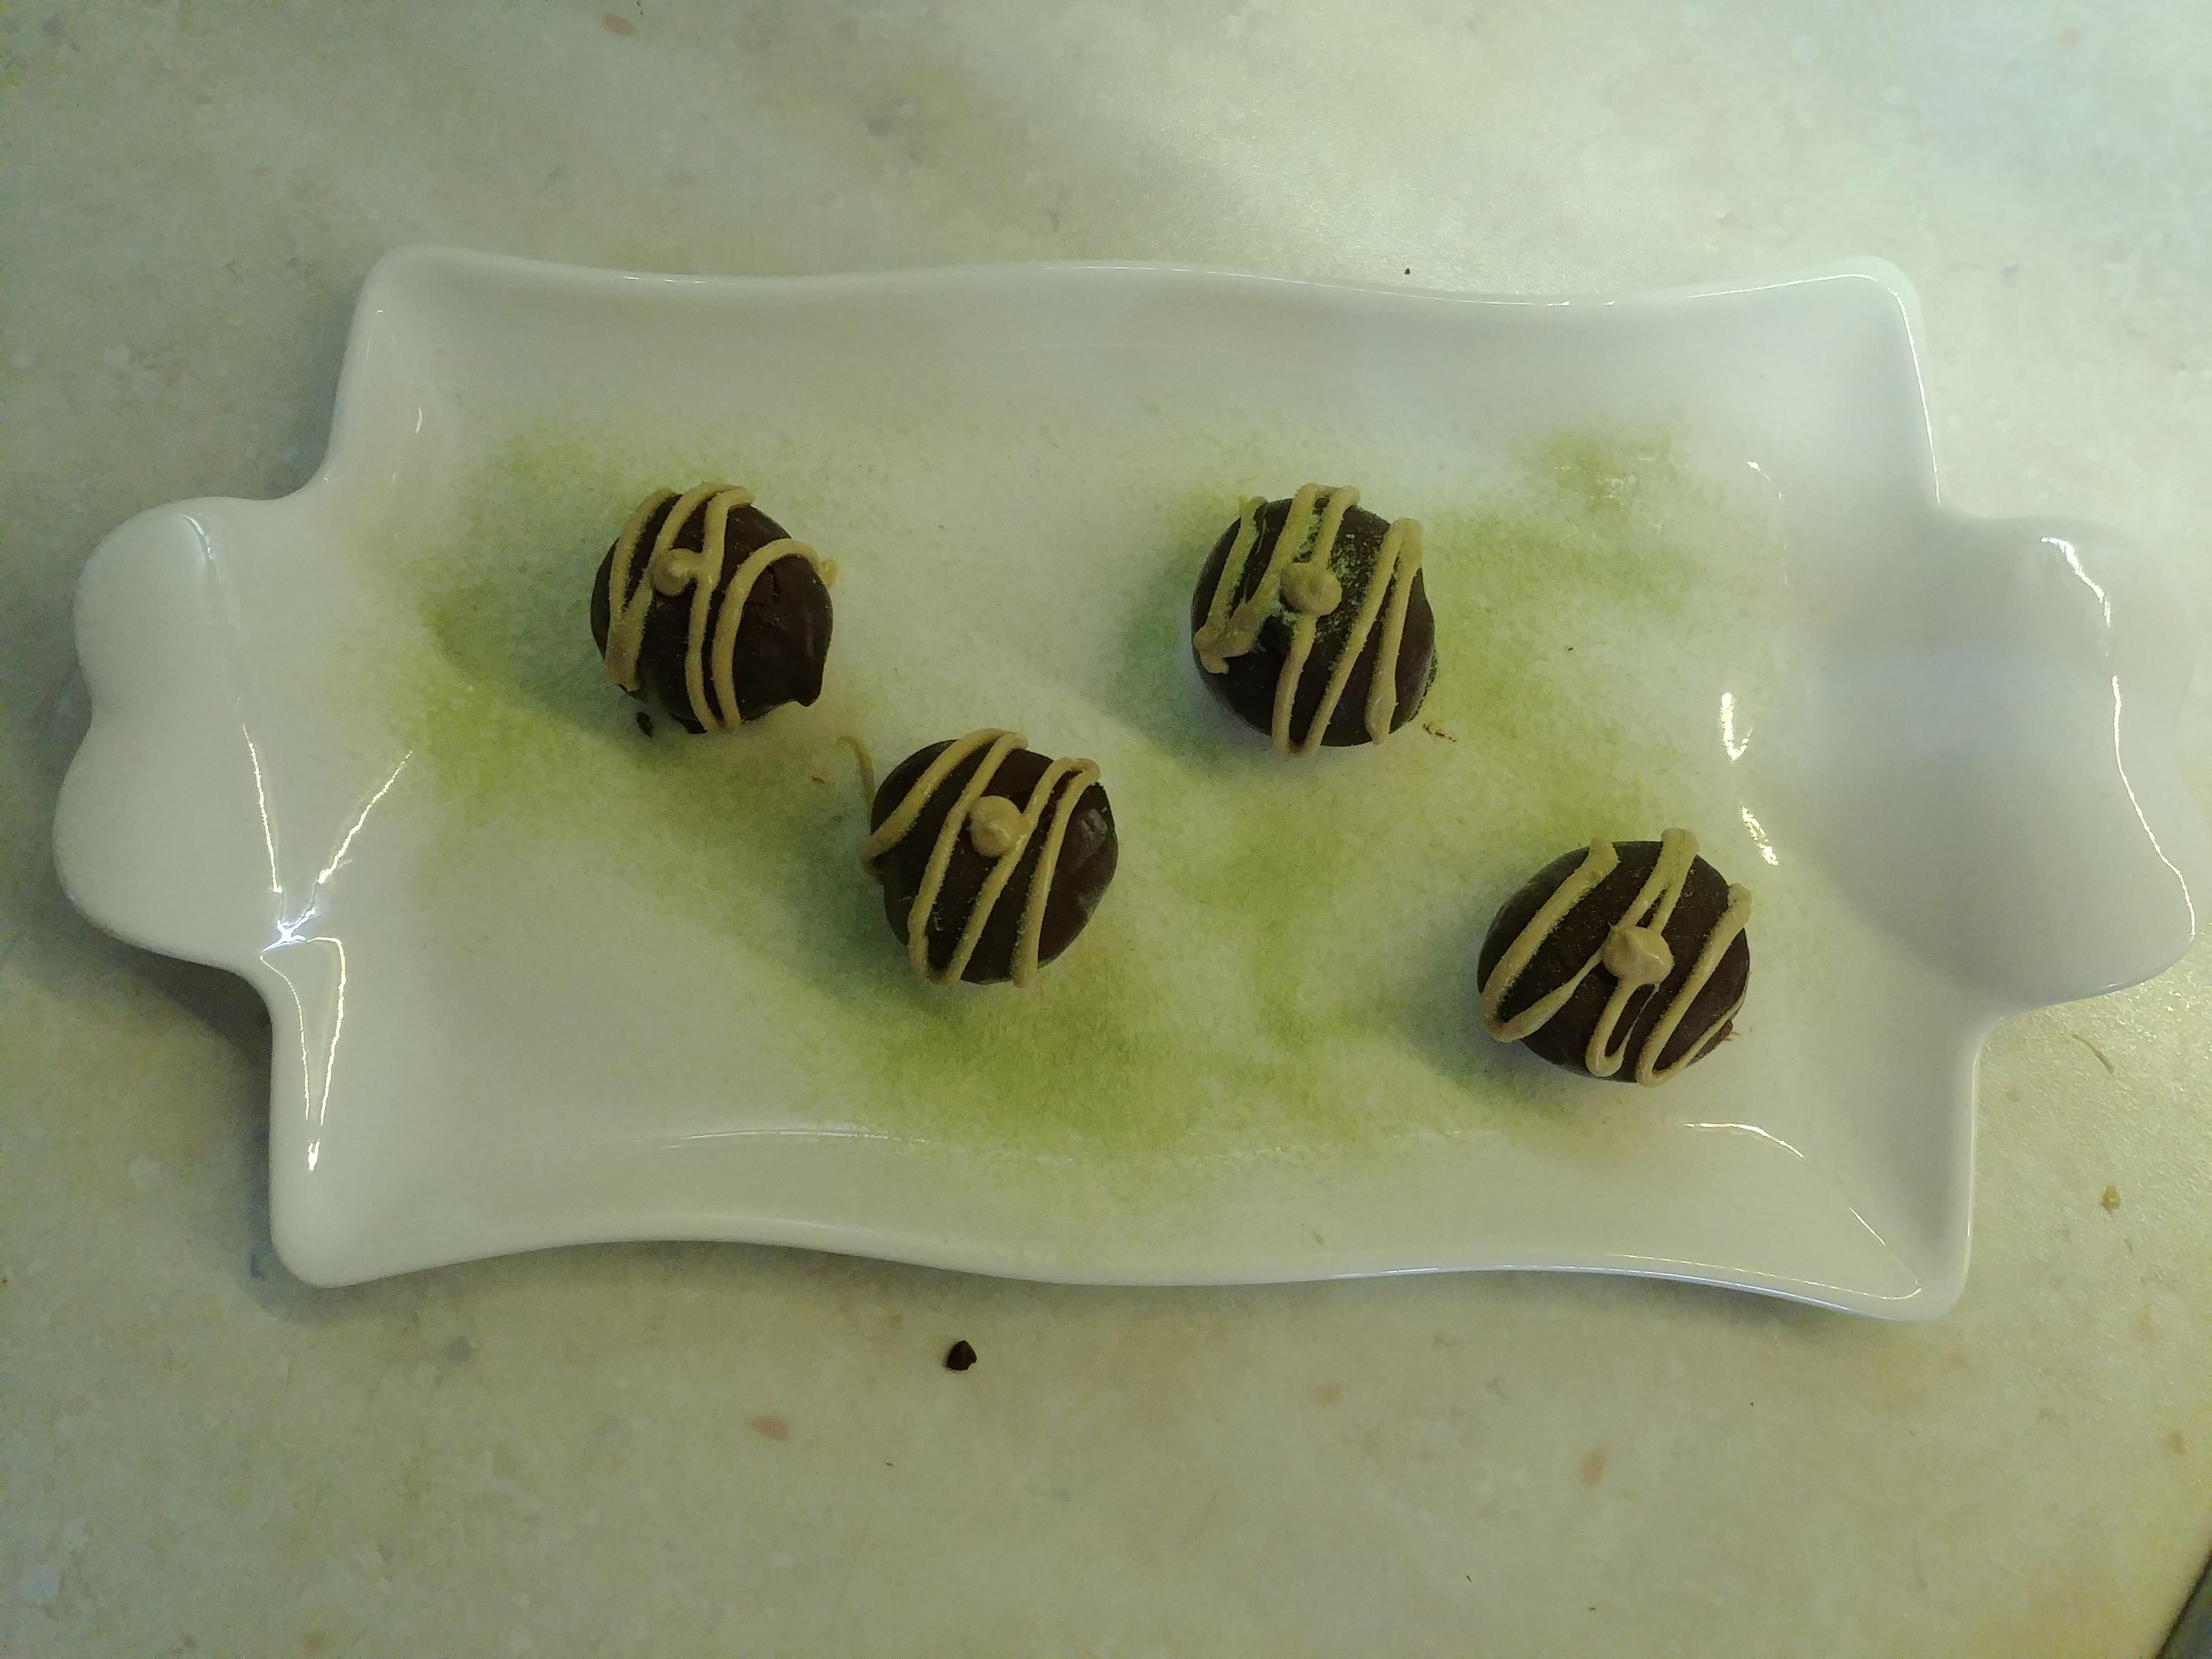 Bon bon di gelato ricoperti di cioccolato